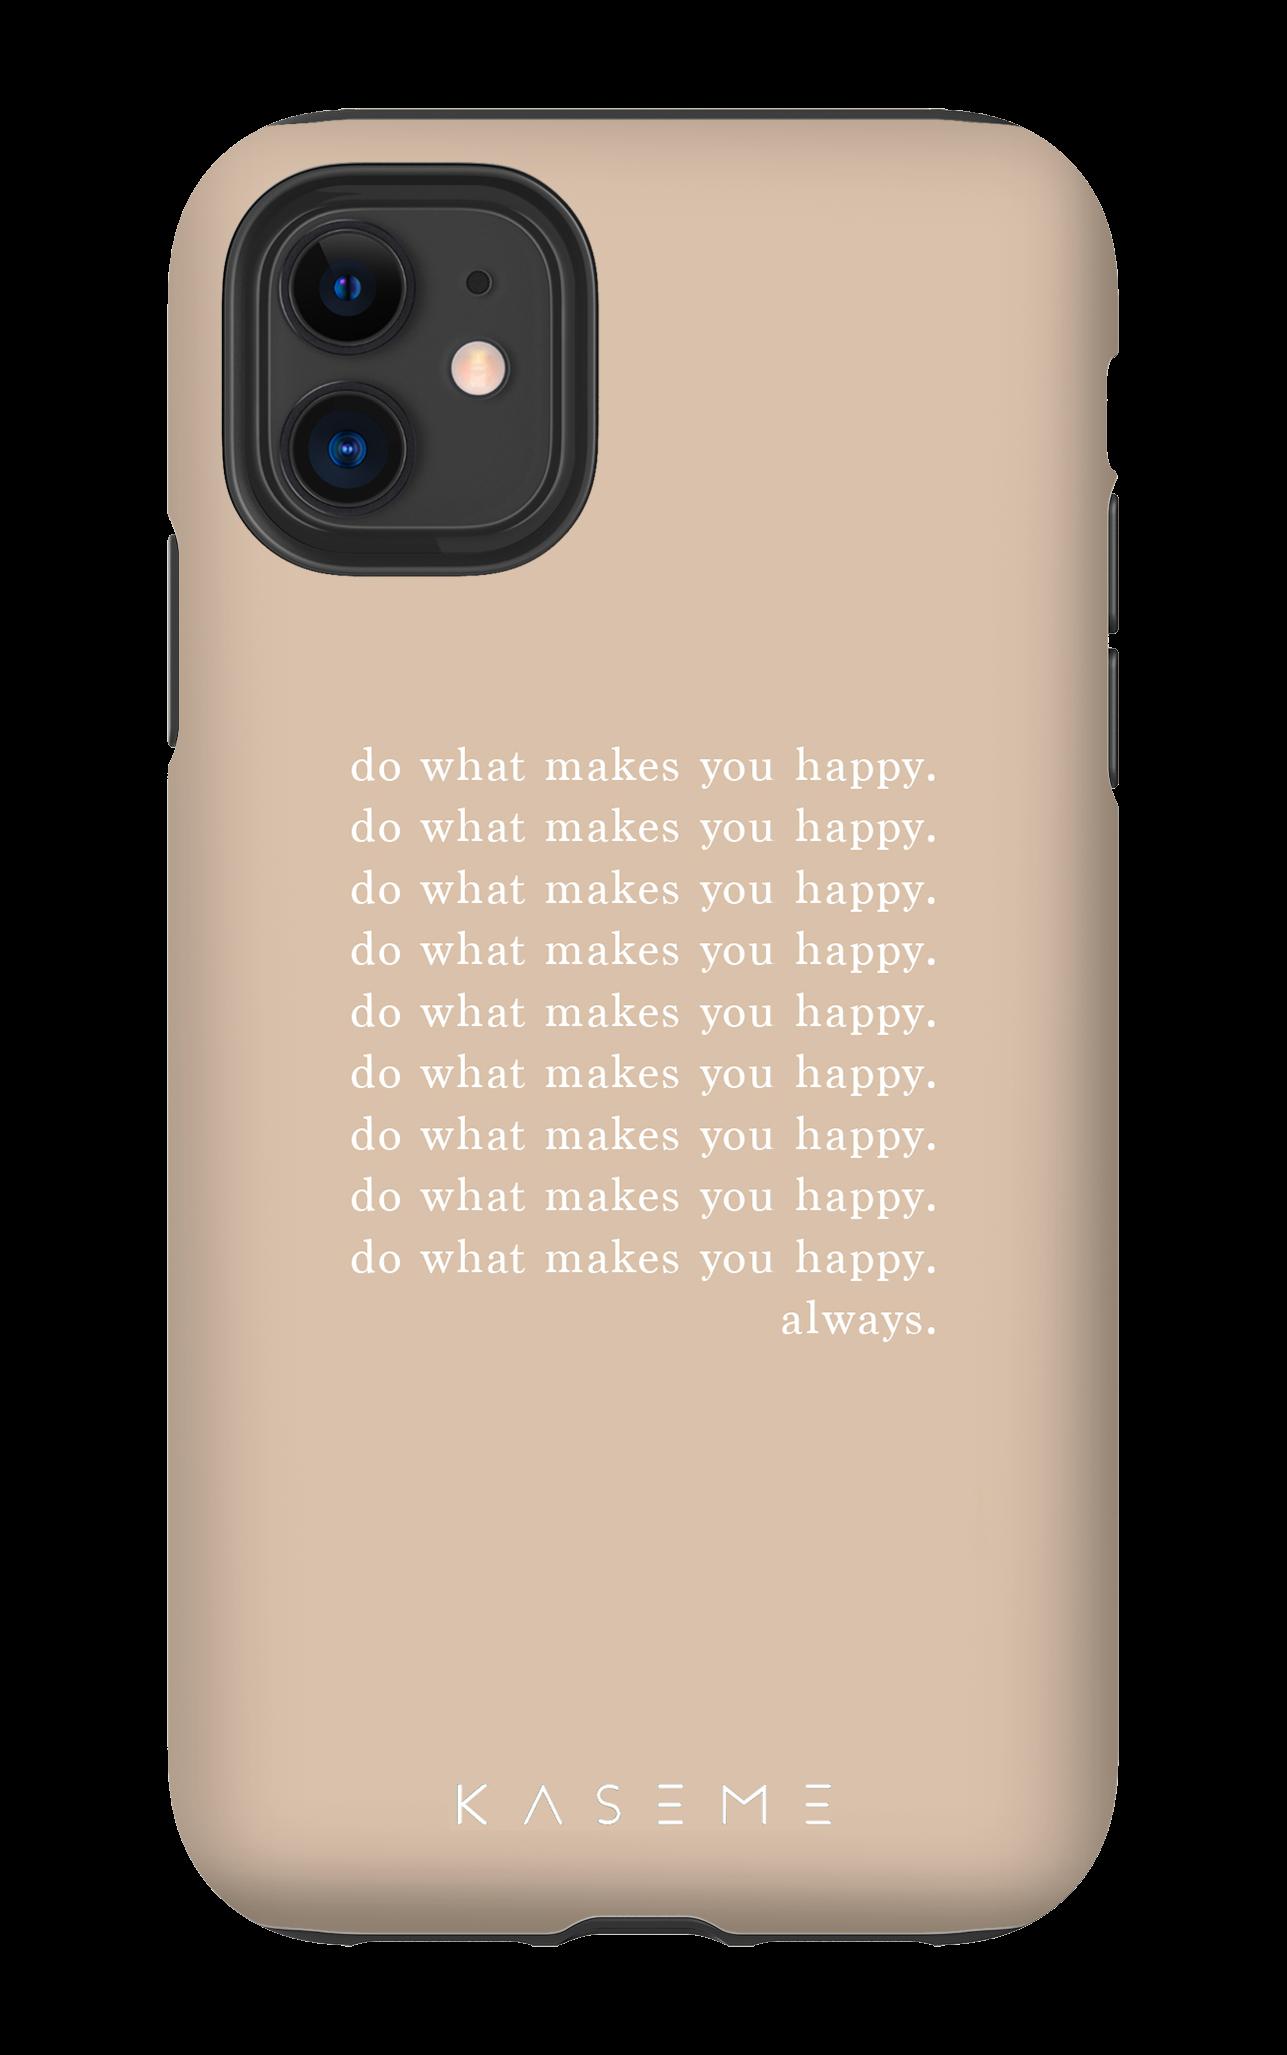 Daydream phone case